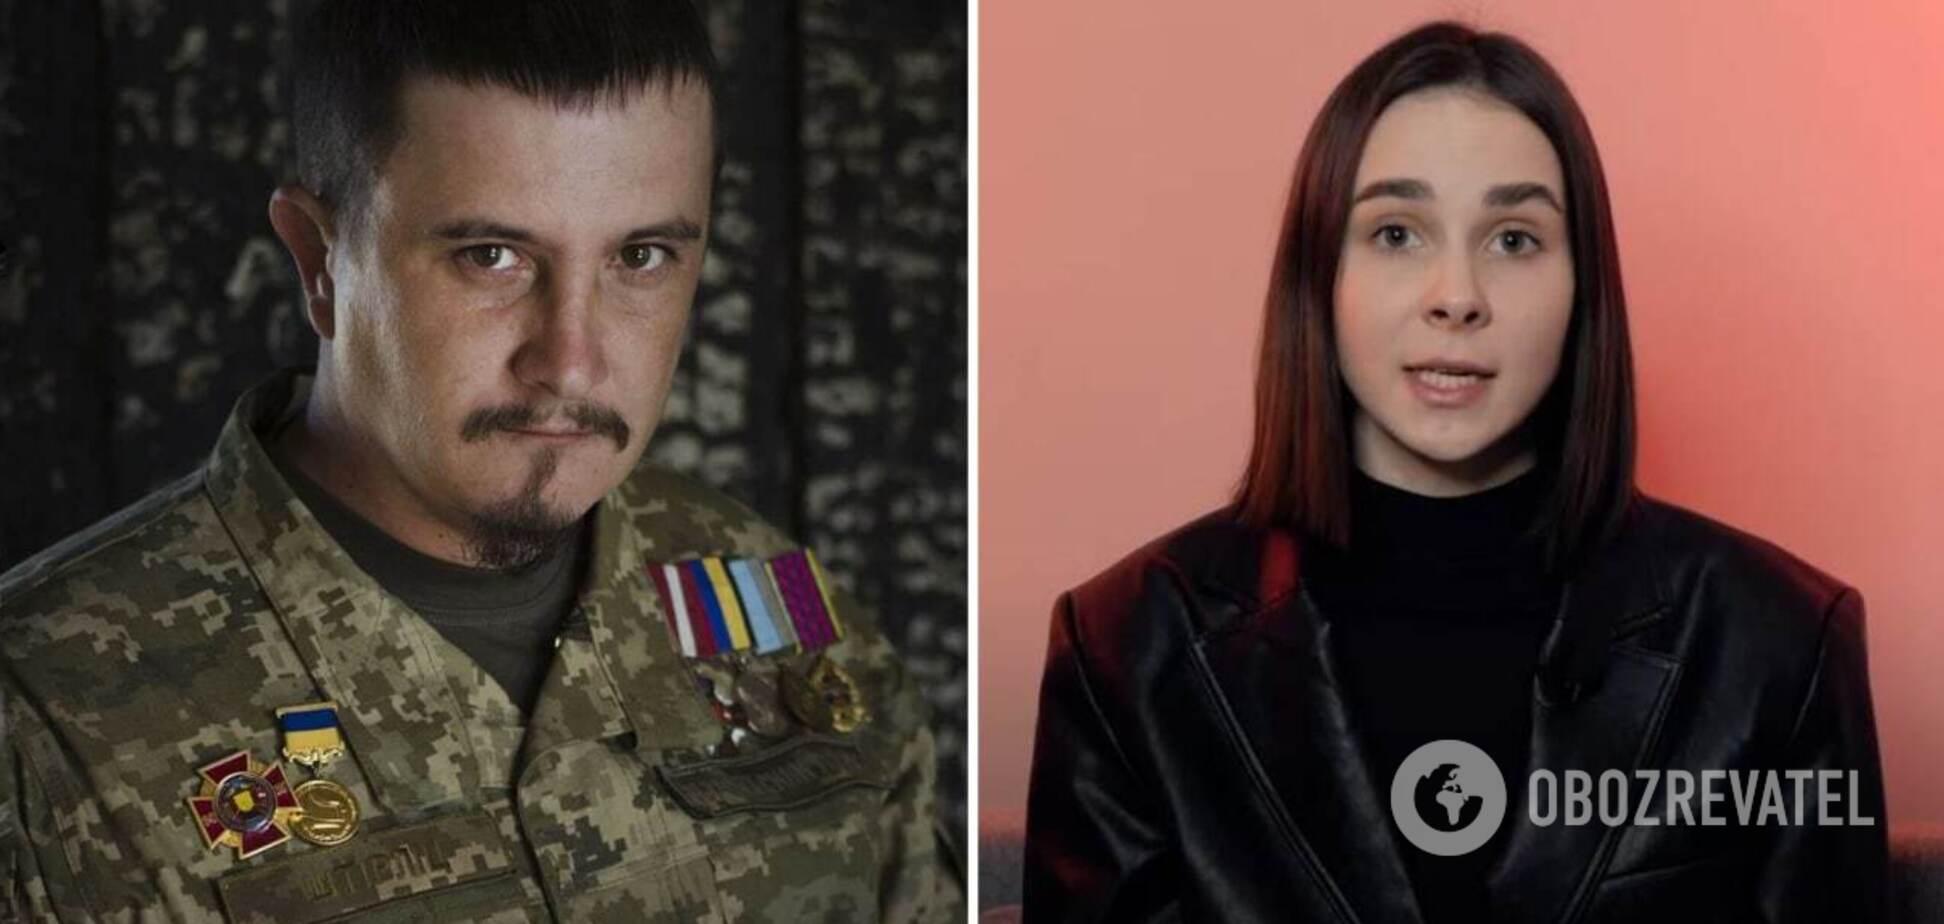 Скандал с офицером ВСУ и блогершей TikTok: за дело взялась известная юрфирма